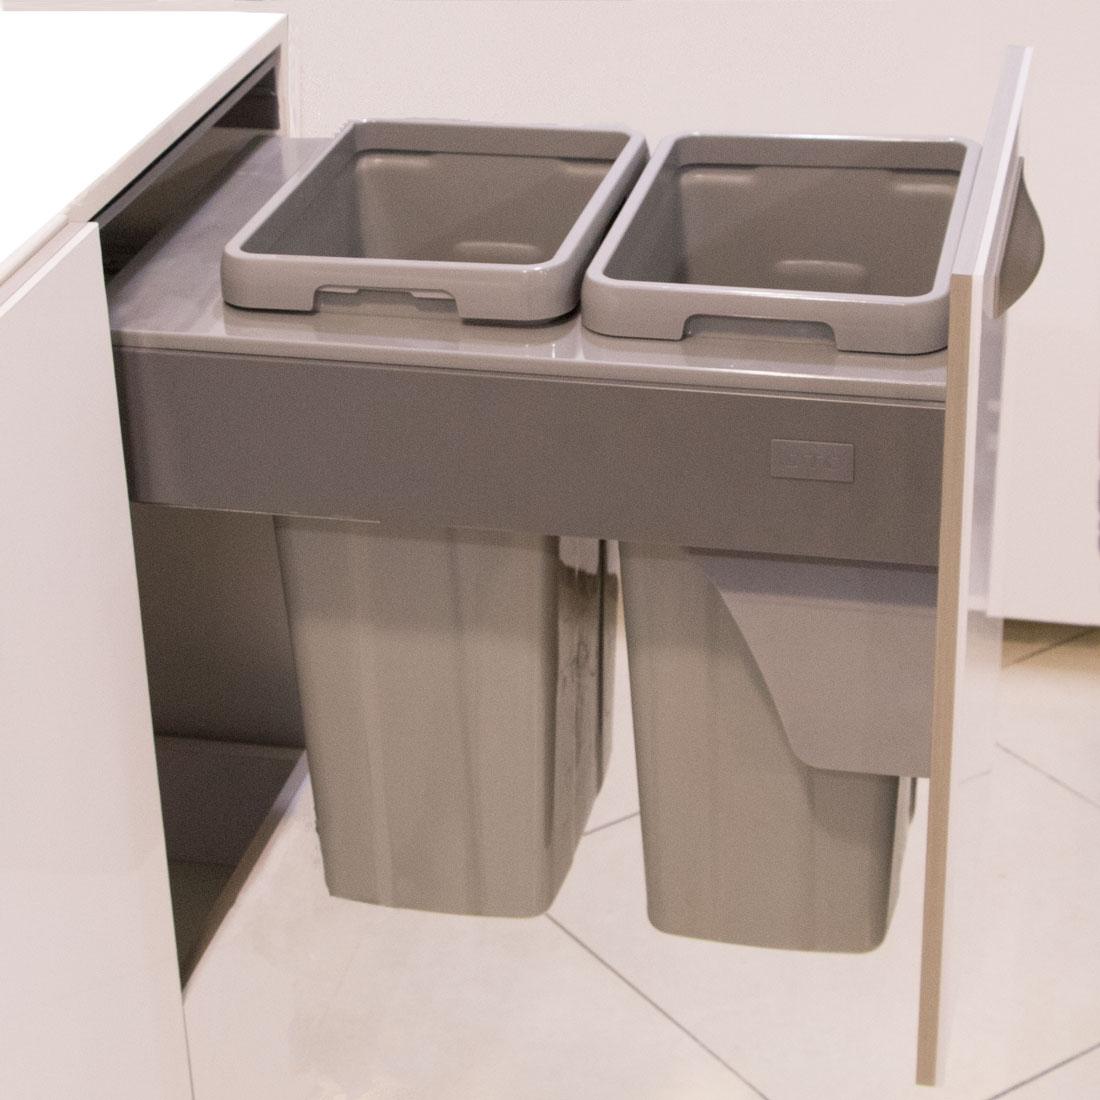 سطل زباله دوقلو ریلی ملونی کد۹۰۰۴